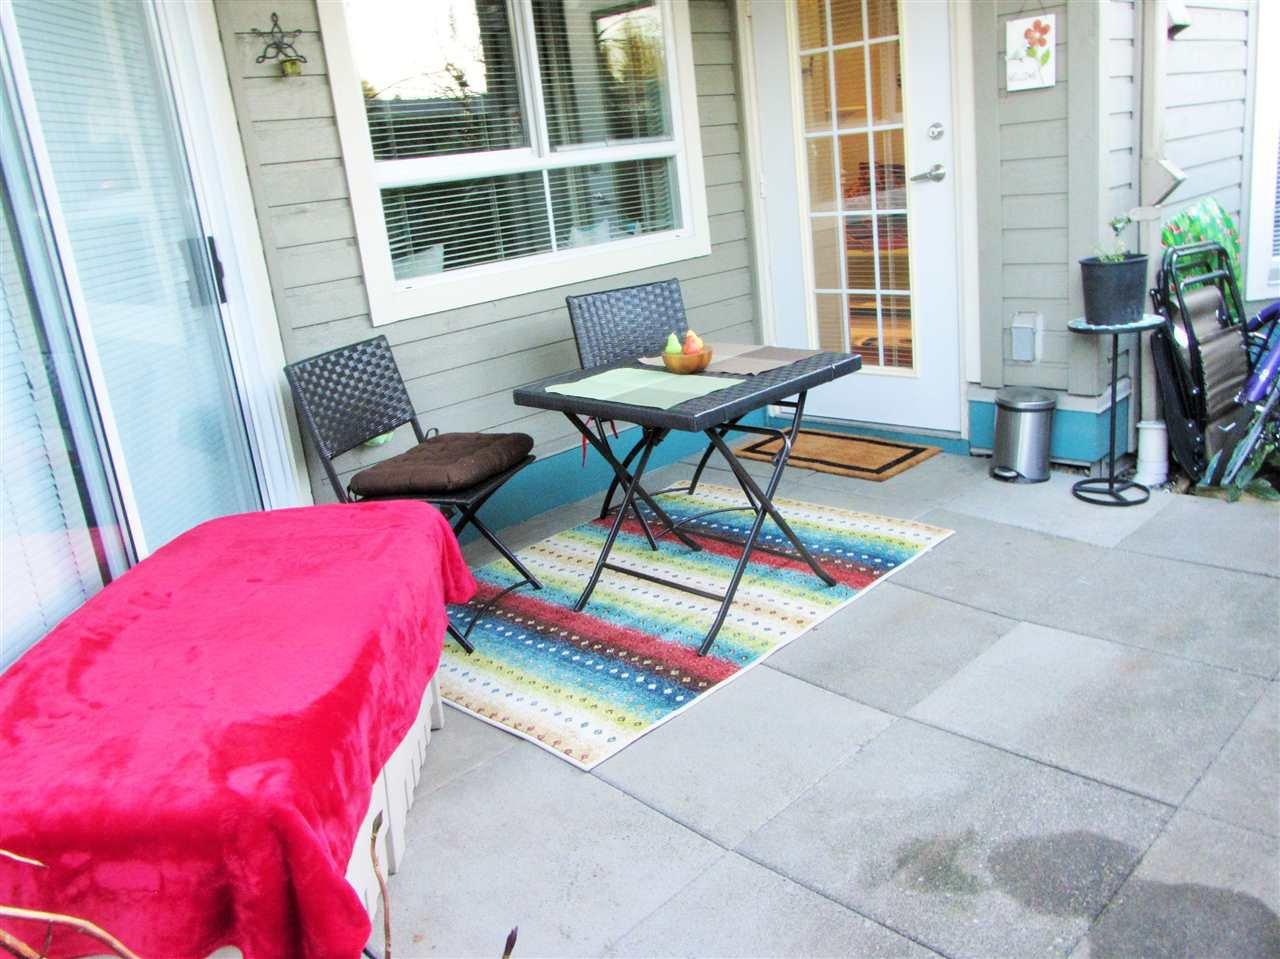 Photo 16: Photos: 114 15110 108 Avenue in Surrey: Bolivar Heights Condo for sale (North Surrey)  : MLS®# R2239803